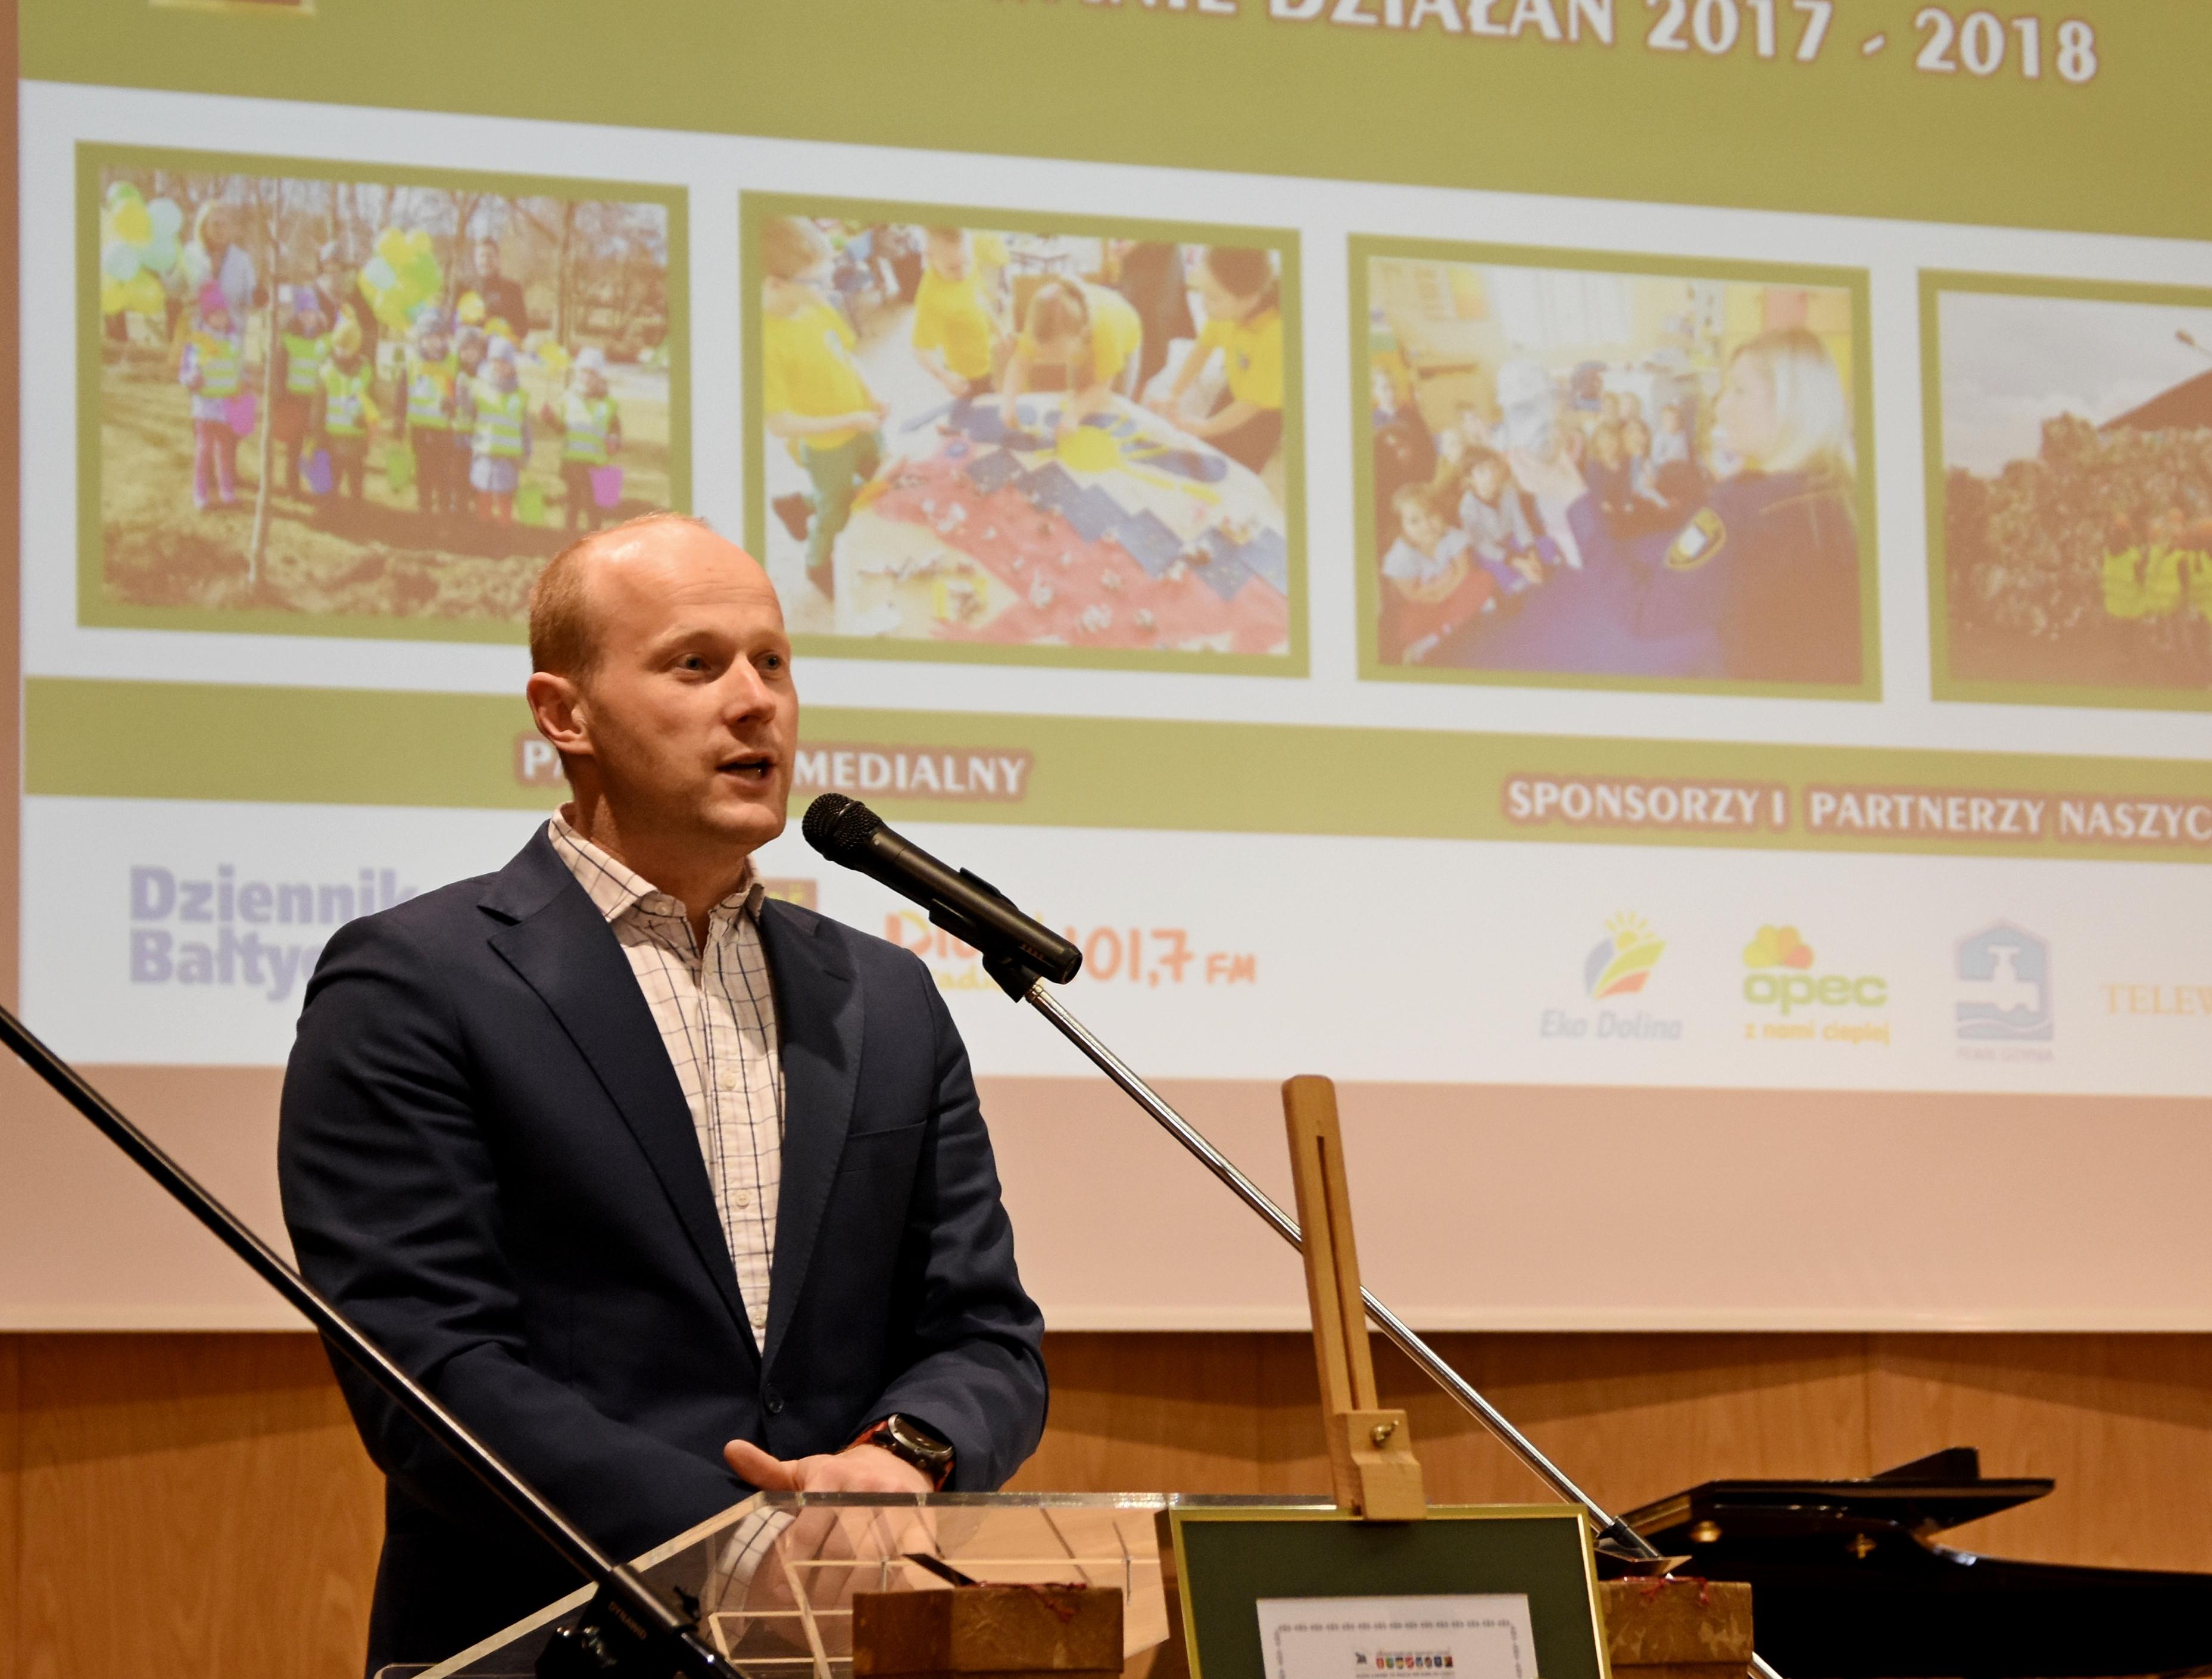 Wiceprezydent Gdyni, Bartosz Bartoszewicz, fot. Kamil Złoch